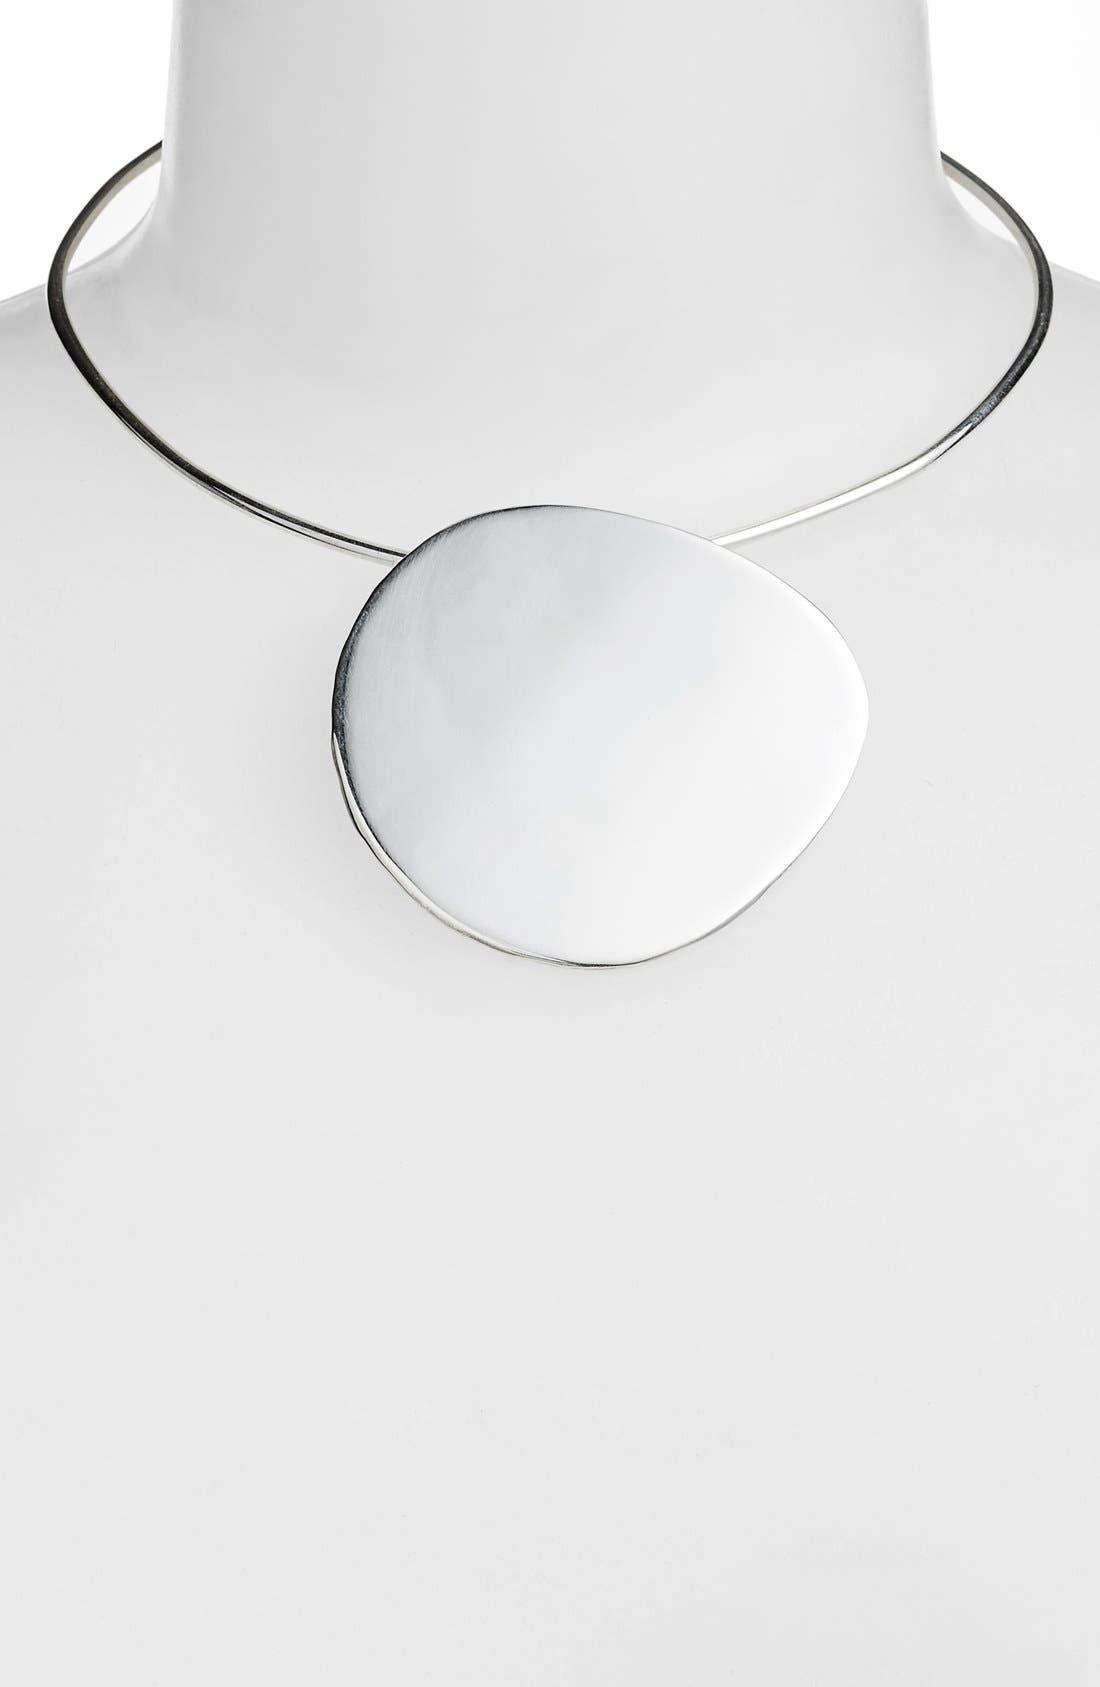 Pendo Collar Necklace,                             Alternate thumbnail 2, color,                             Silver